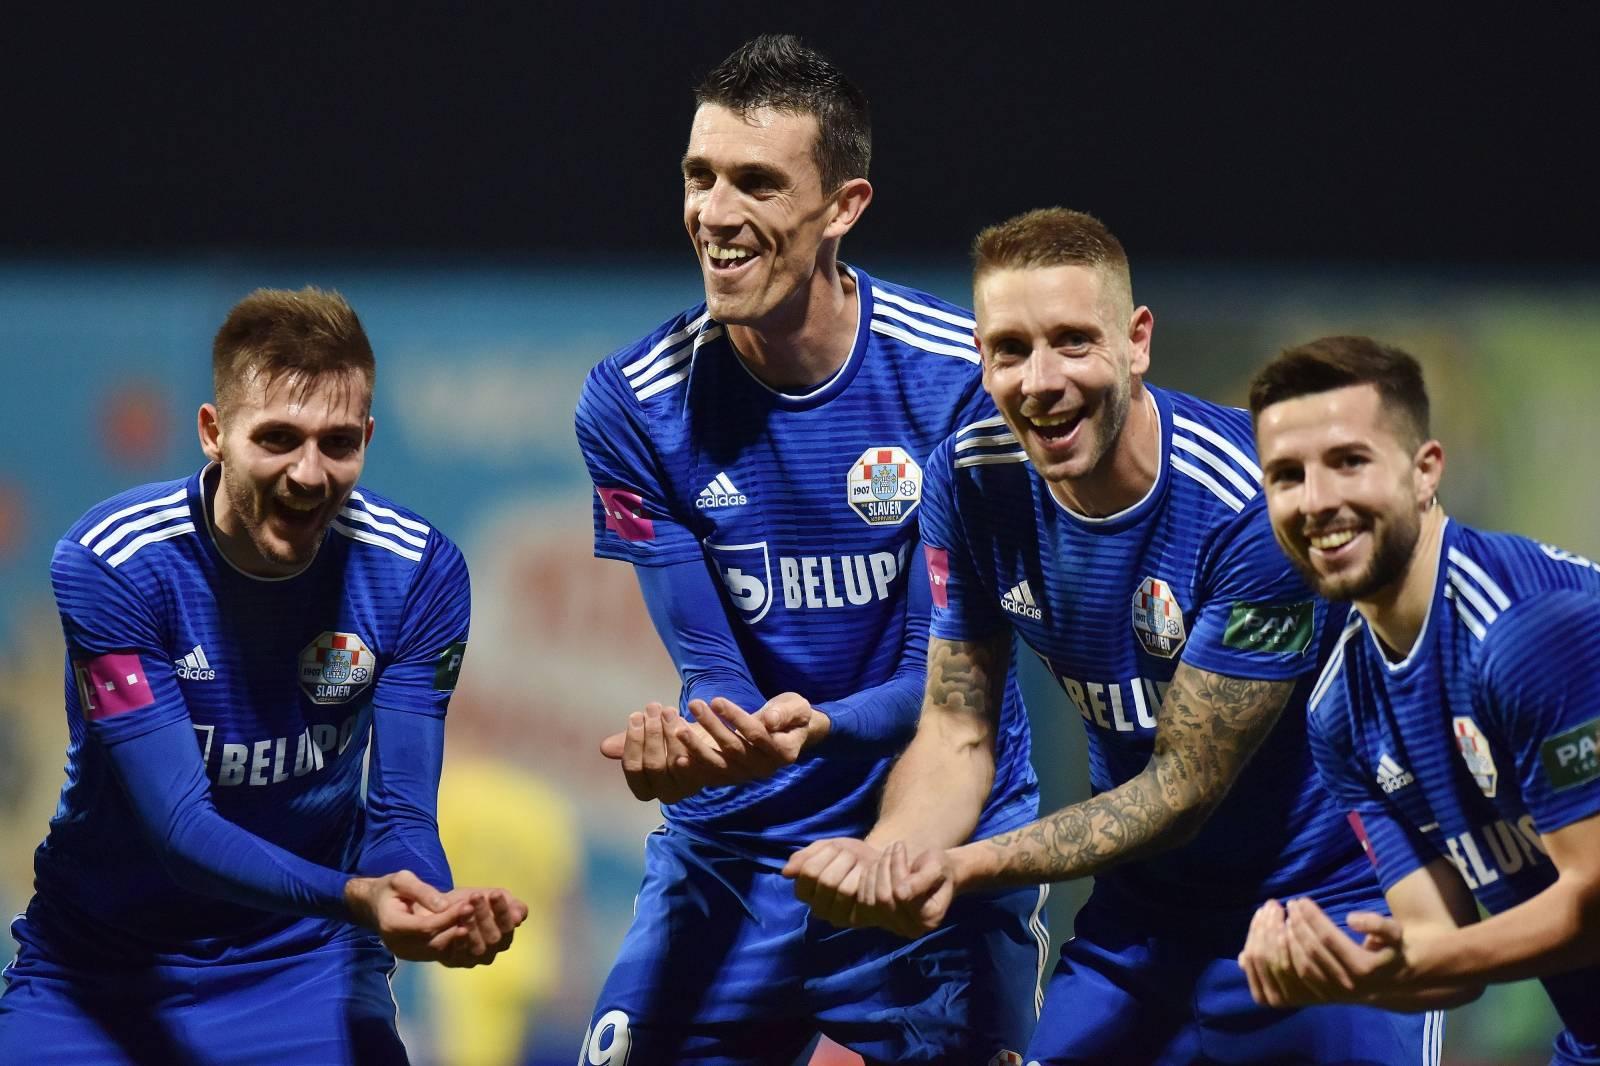 Slaven Belupo i Inter Zaprešić sastali se u 17. kolu HT Prve lige